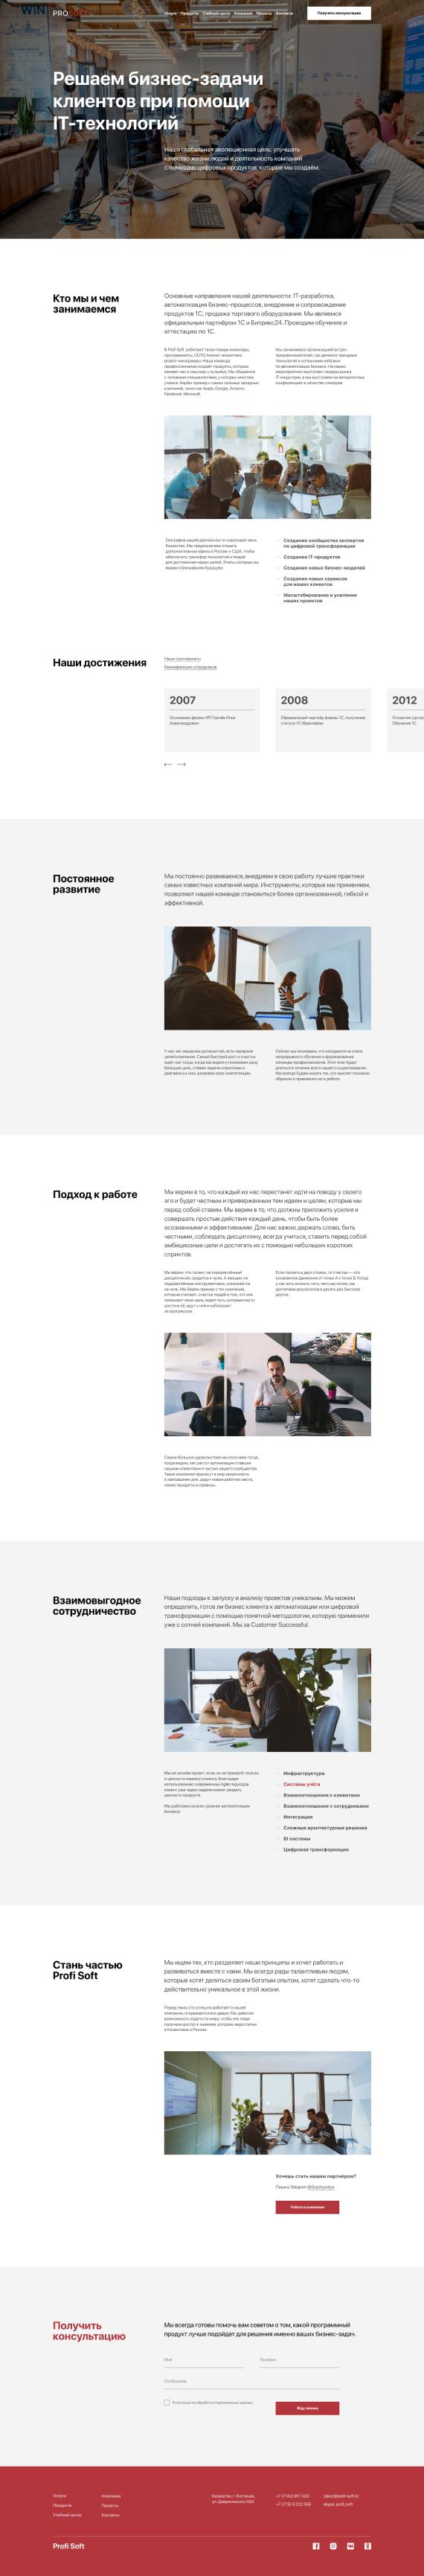 корпоративный сайт для бизнеса в Костанае